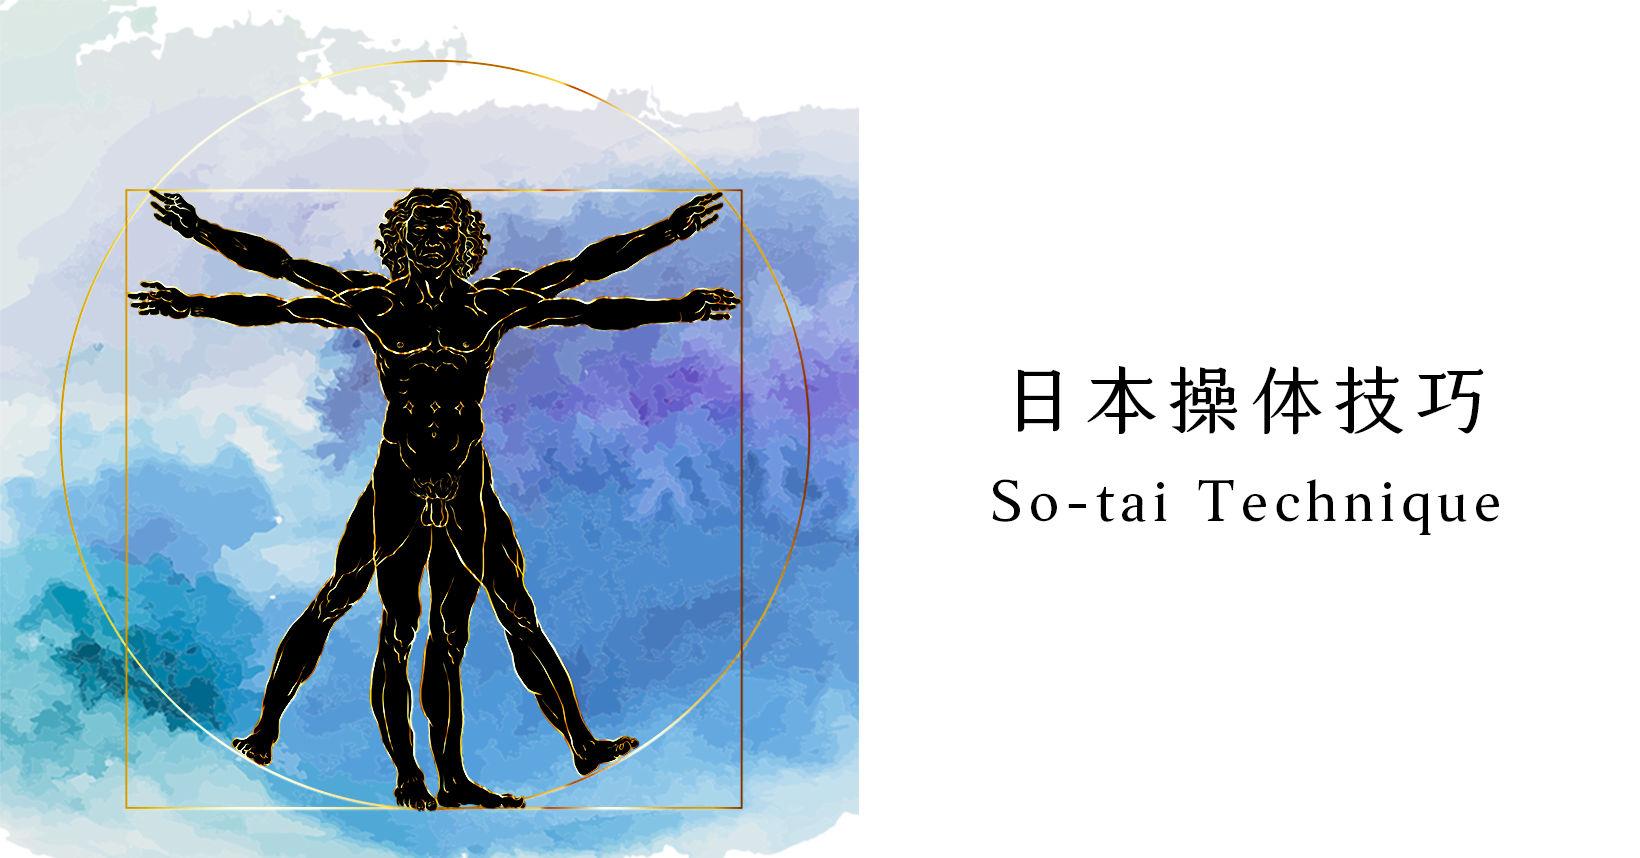 日本操体技巧 So-tai Technique